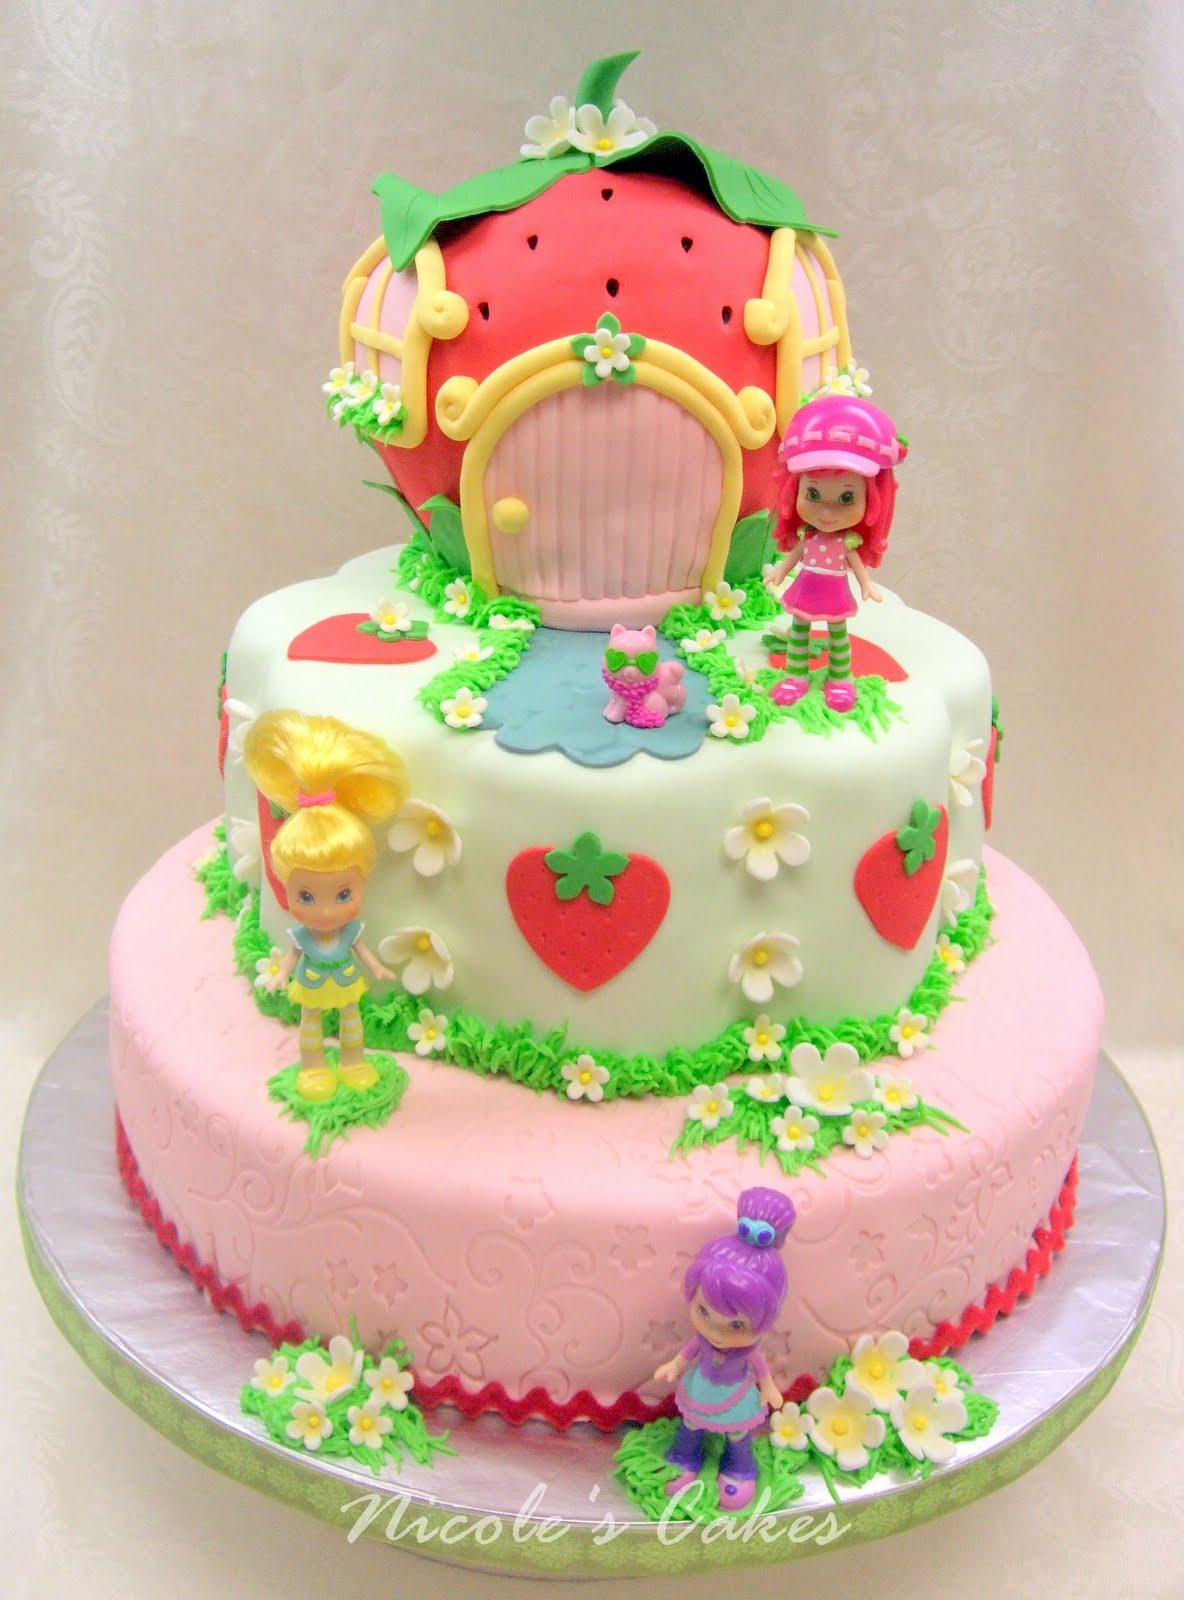 Strawberry Shortcake Cake Birthday Party